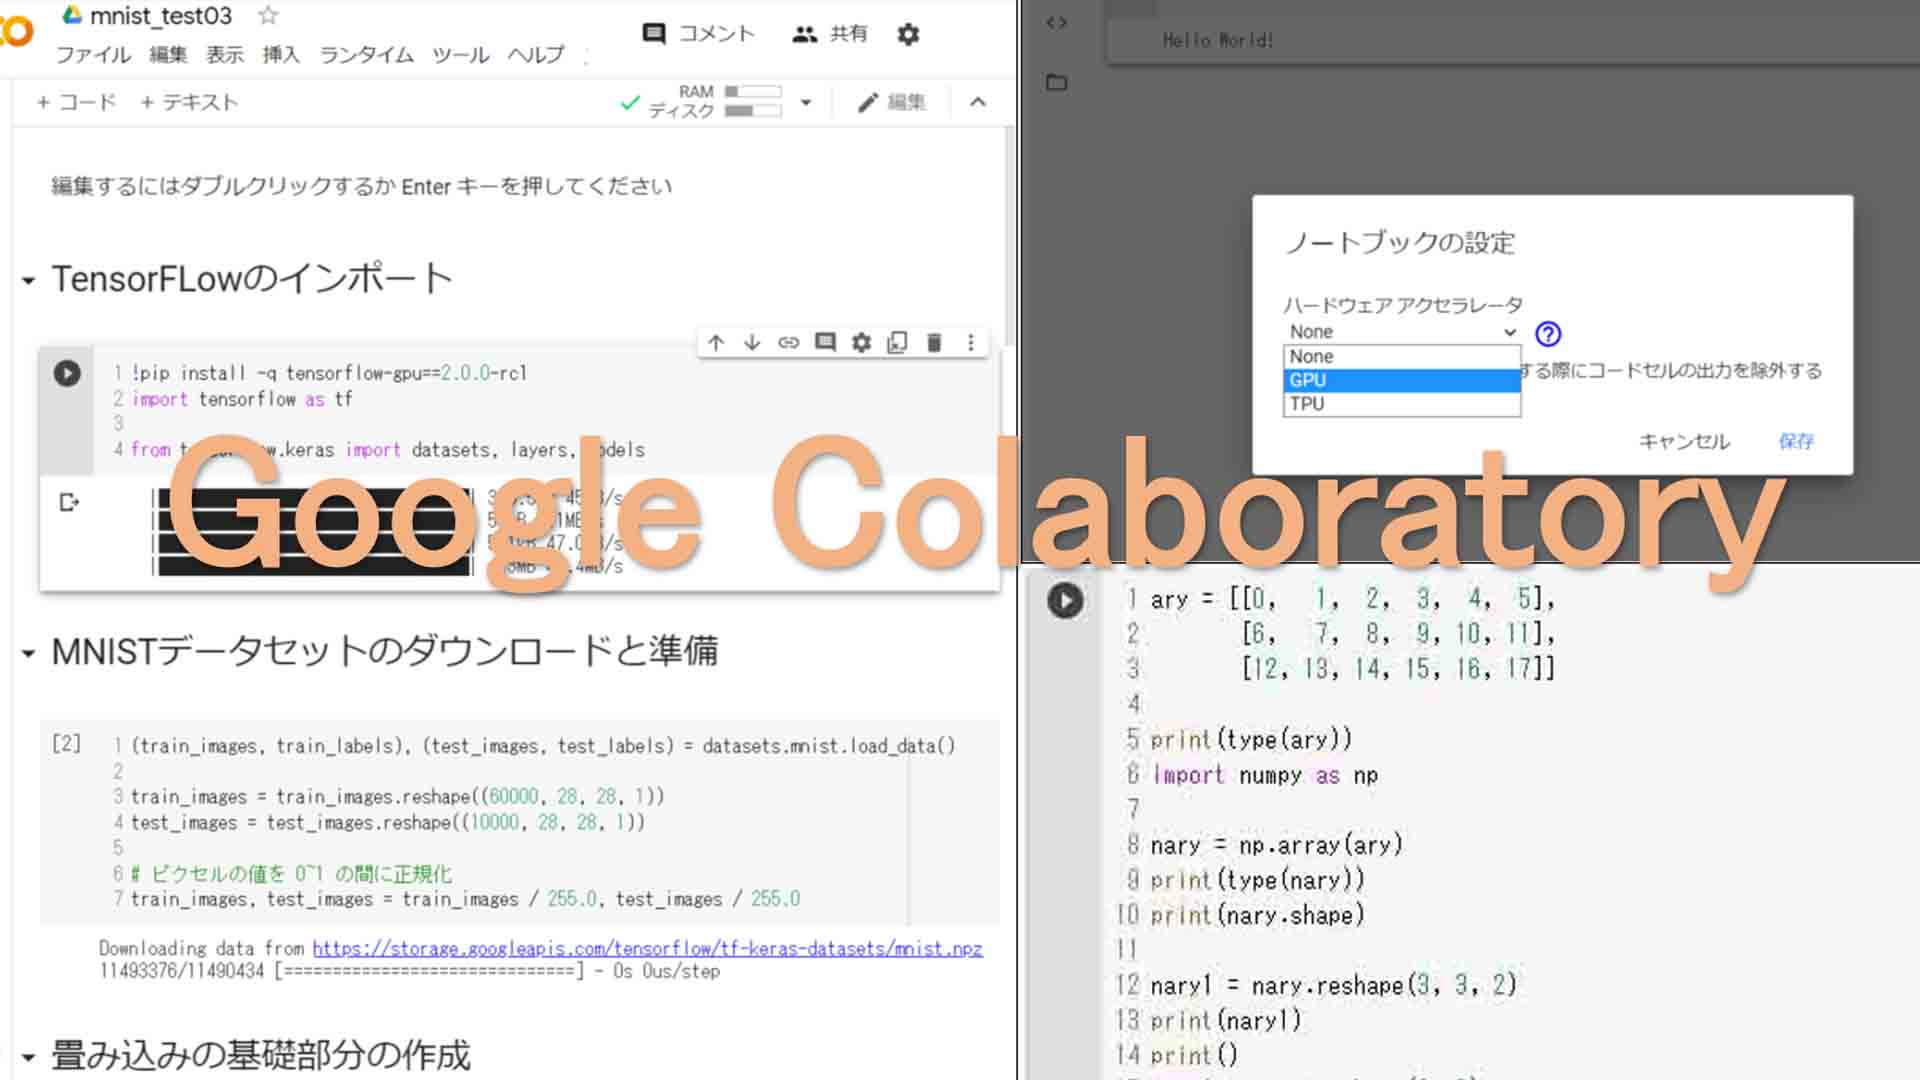 ディープラーニングのお勉強~その8。Google ColaboratoryでPythonプログラミングして機械学習してみた~